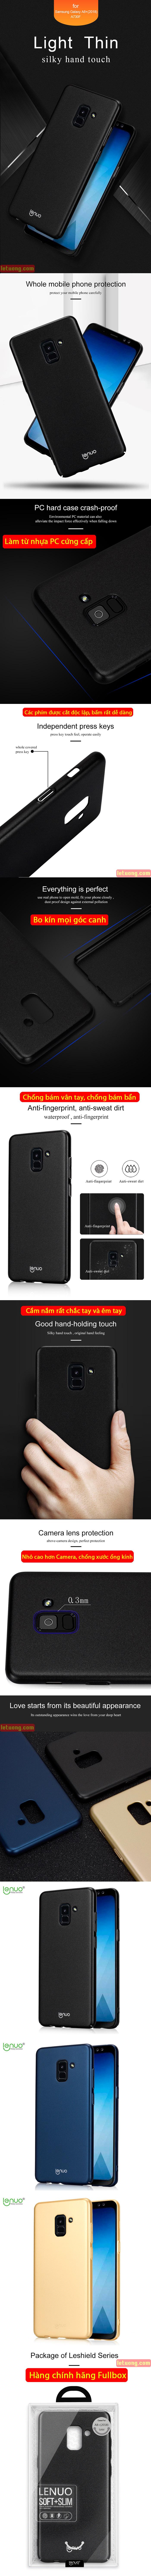 Ốp lưng Galaxy A8 Plus 2018 ( A8+ 2018 ) Lenuo Leshield Case siêu mỏng 3